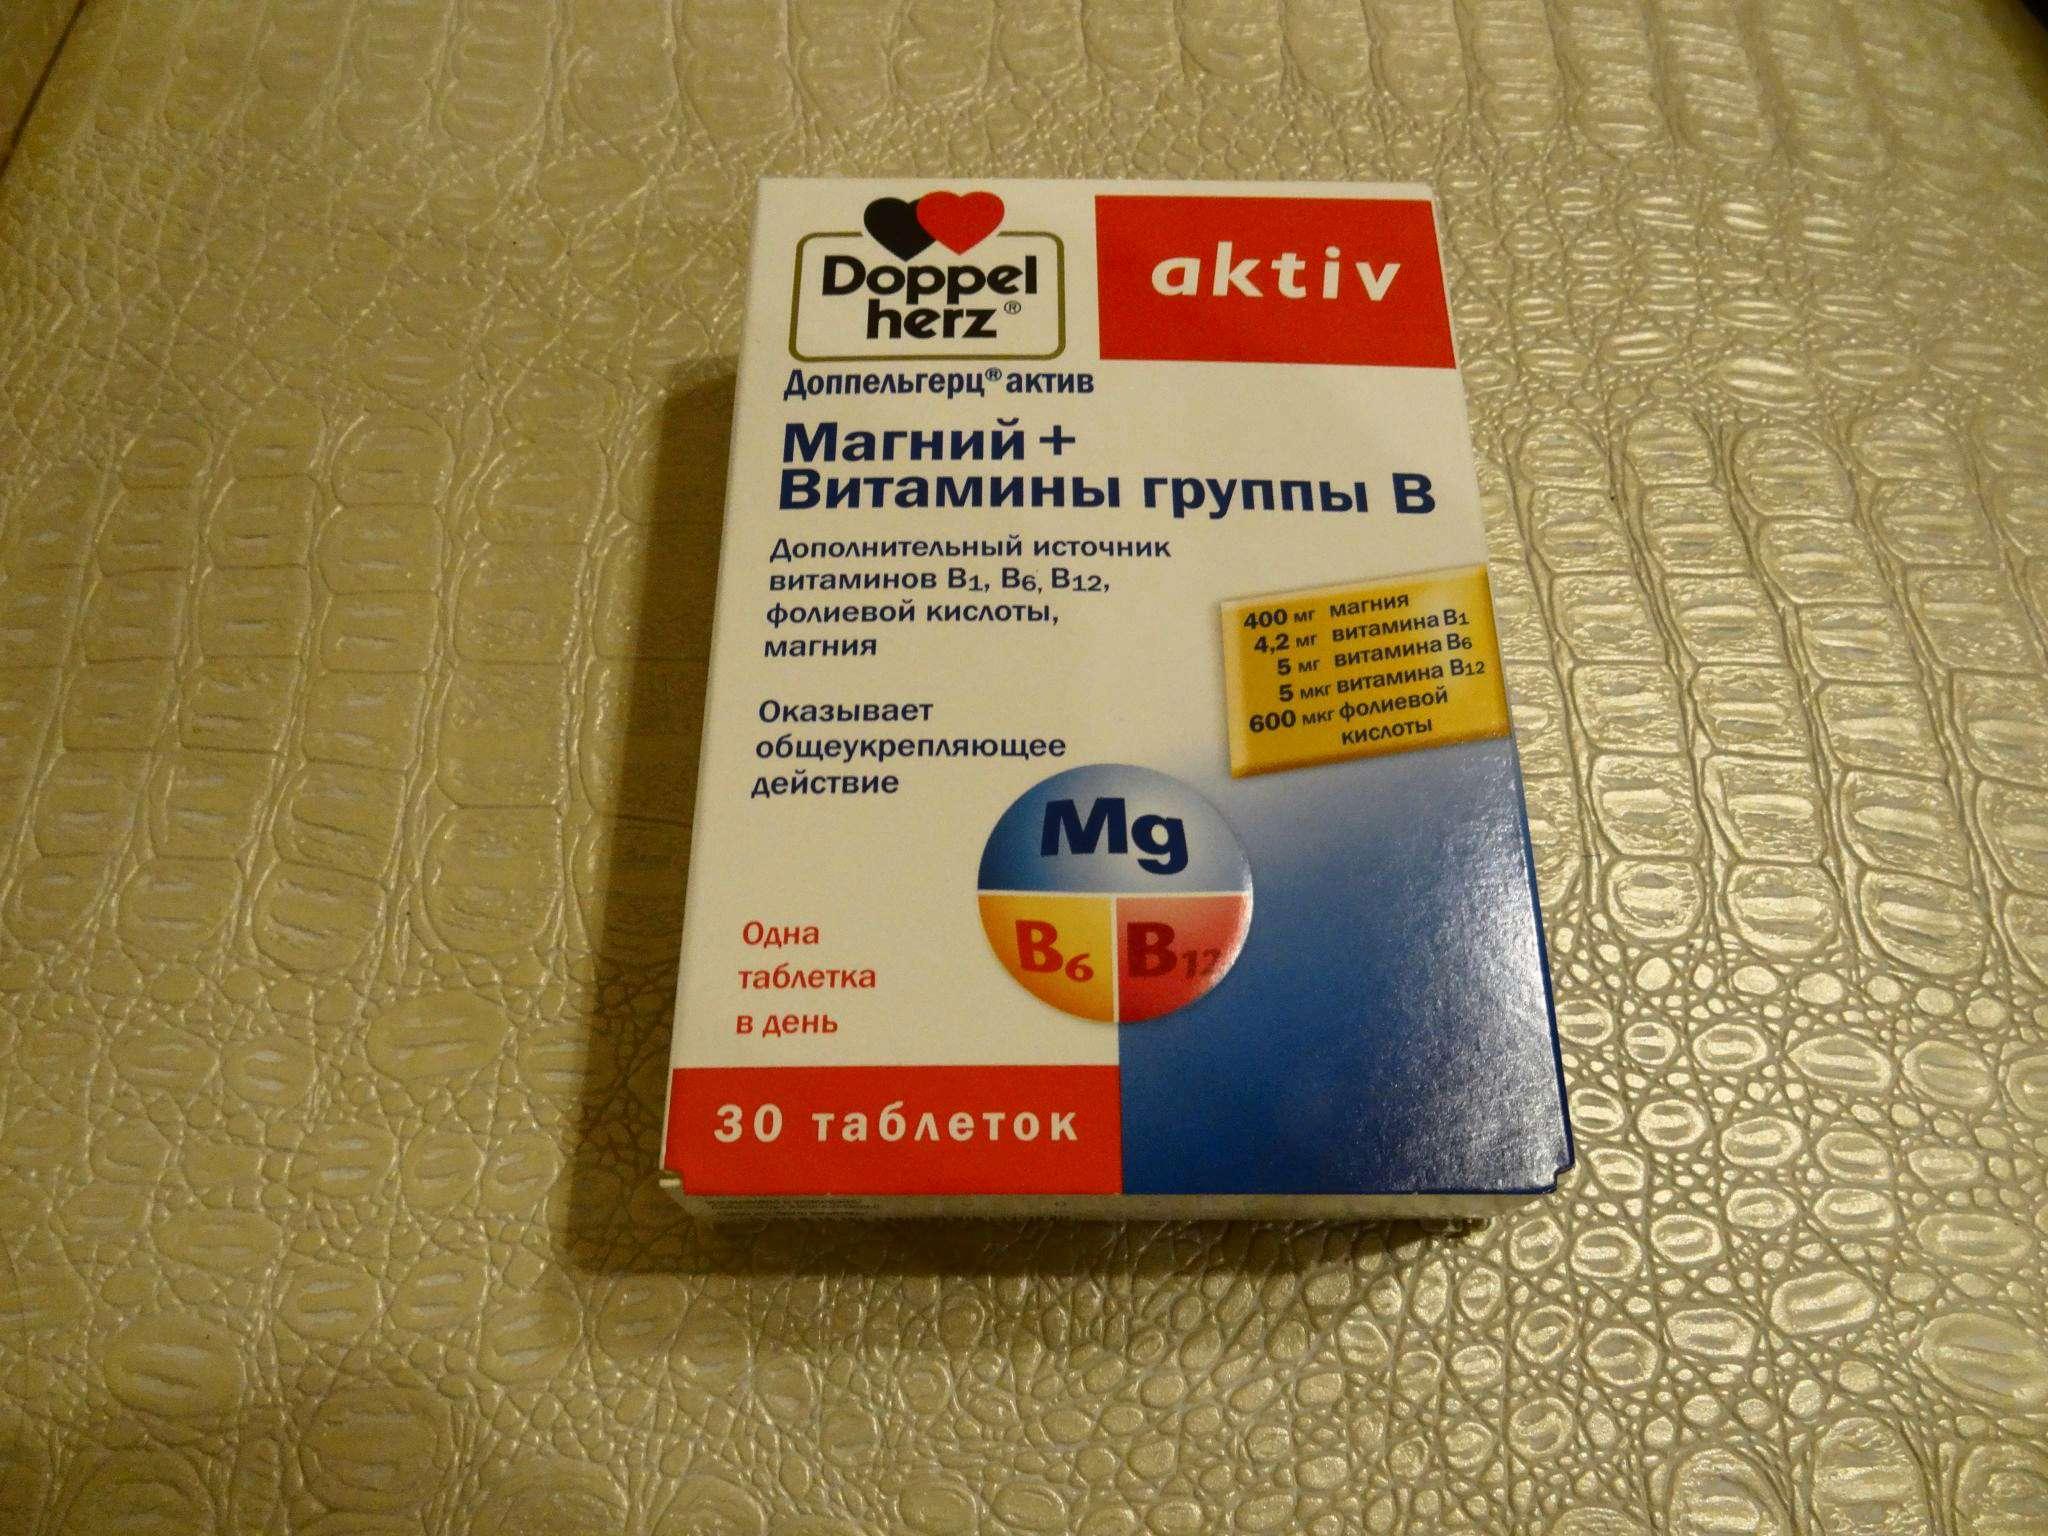 Диабет и магний в6 в таблетках